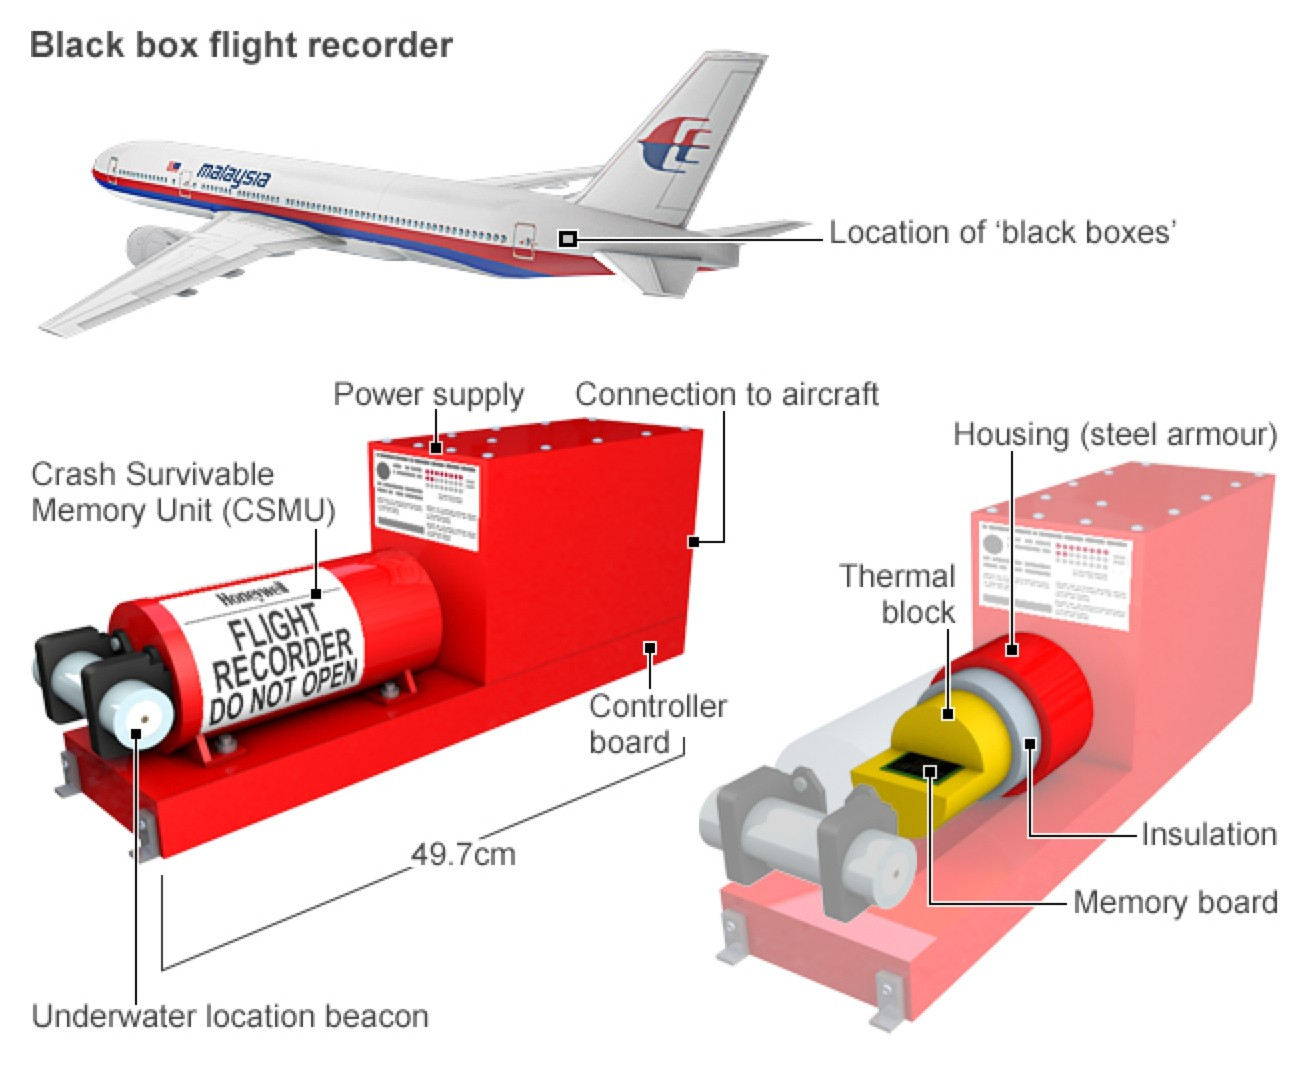 أين الصندوق الأسود في الطائرة؟